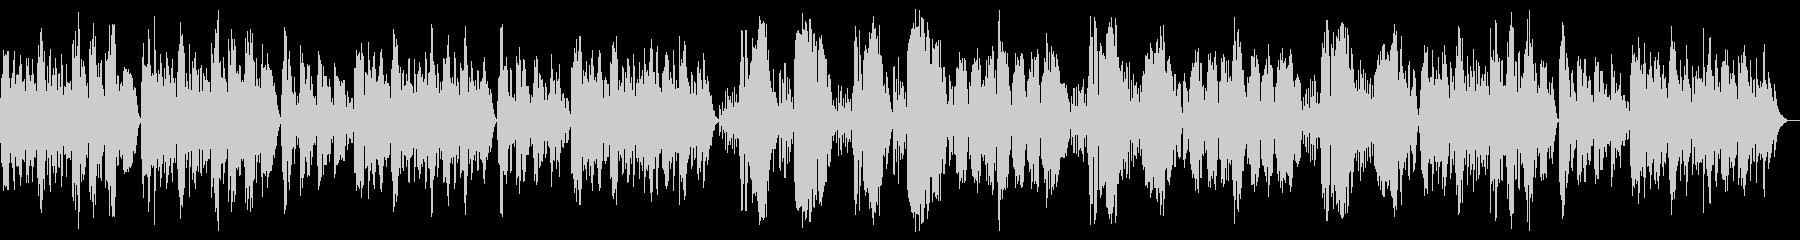 優雅でやさしい、ボッケリーニのメヌエットの未再生の波形